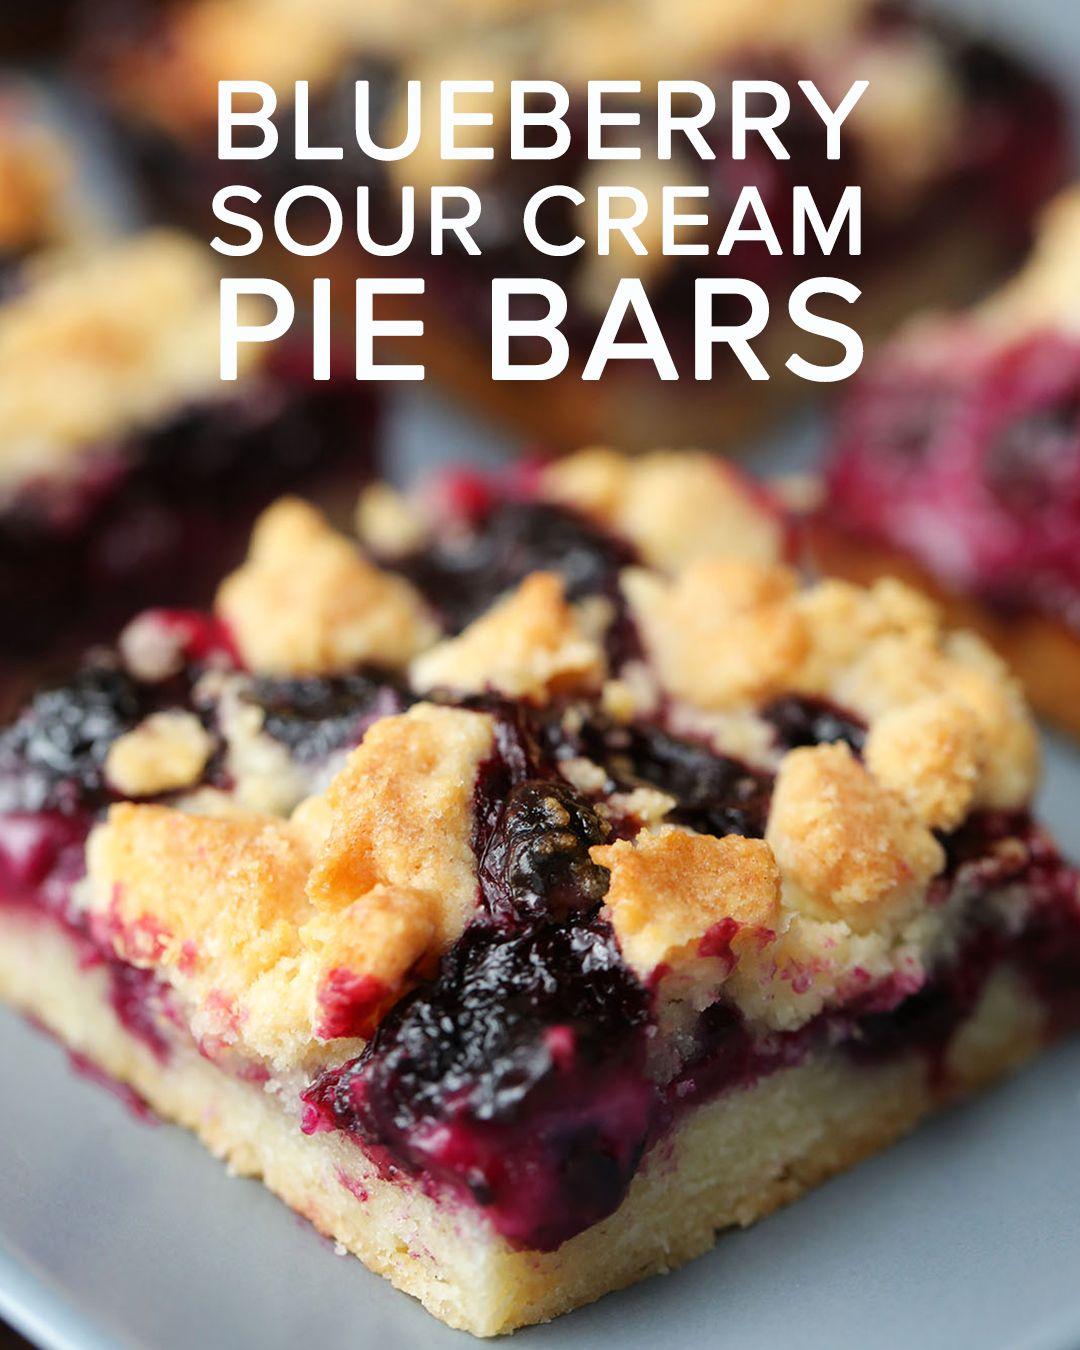 Blueberry sour cream pie bars sour cream recipes